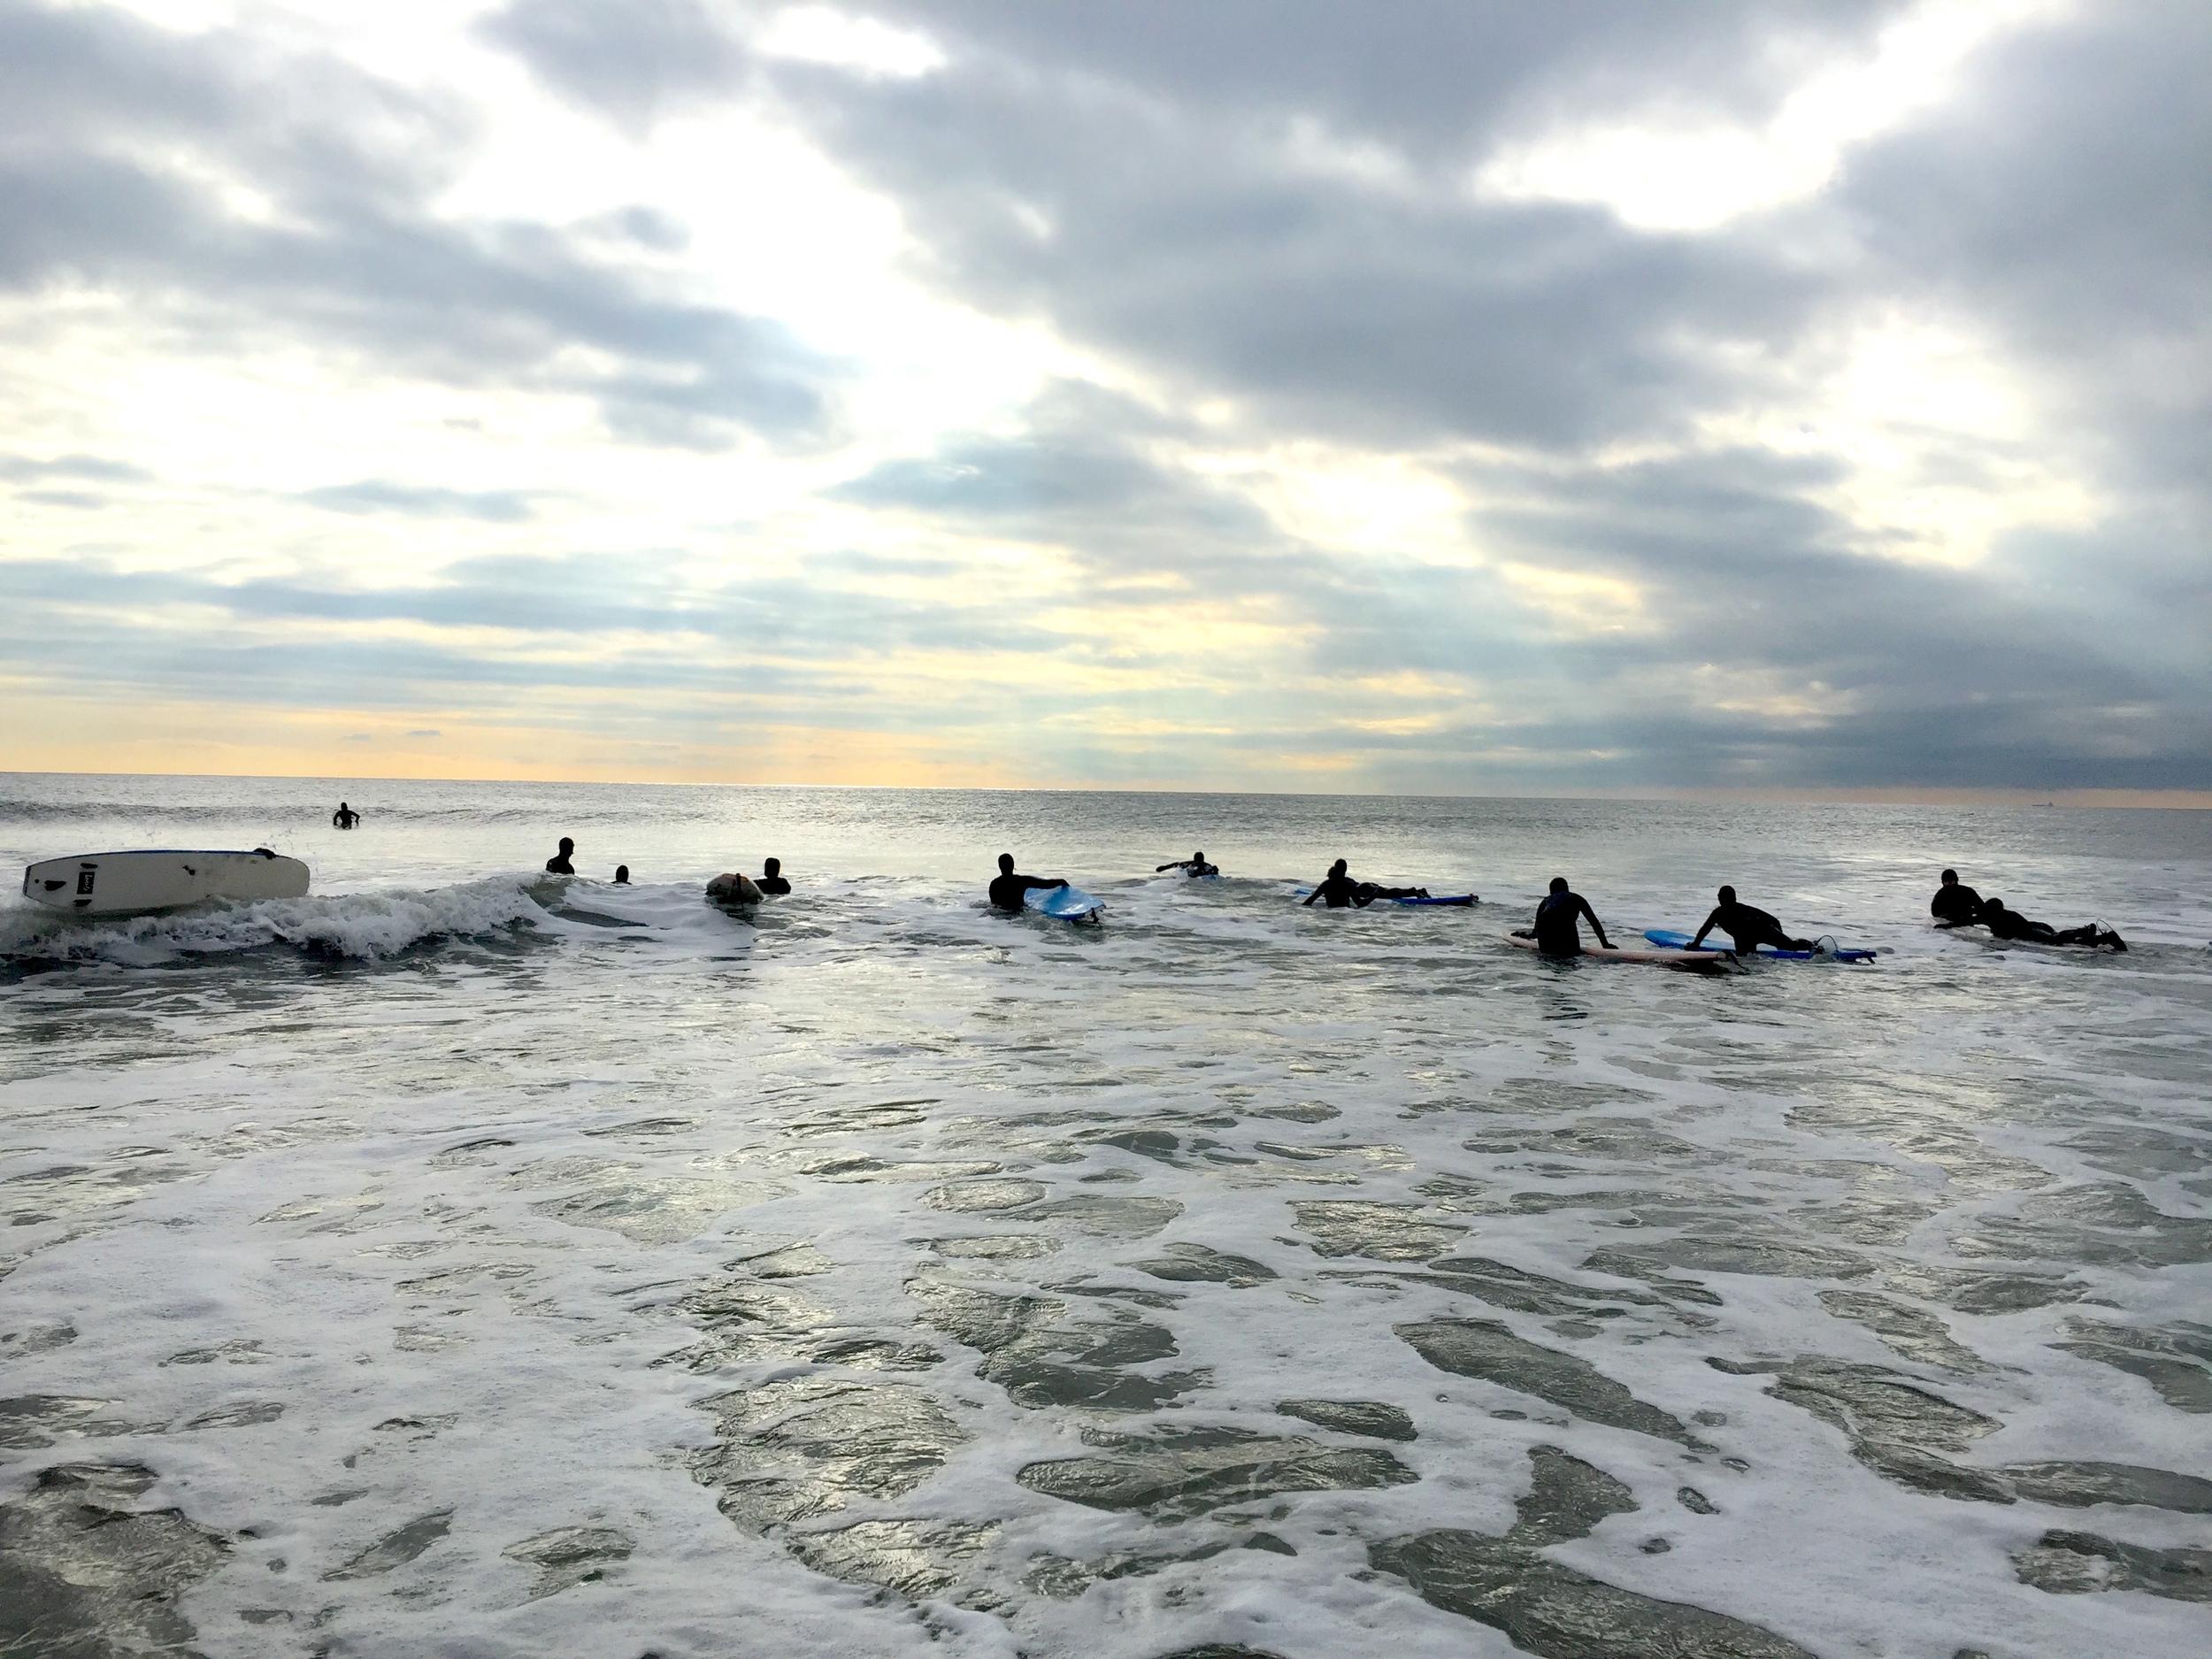 Surfing in December